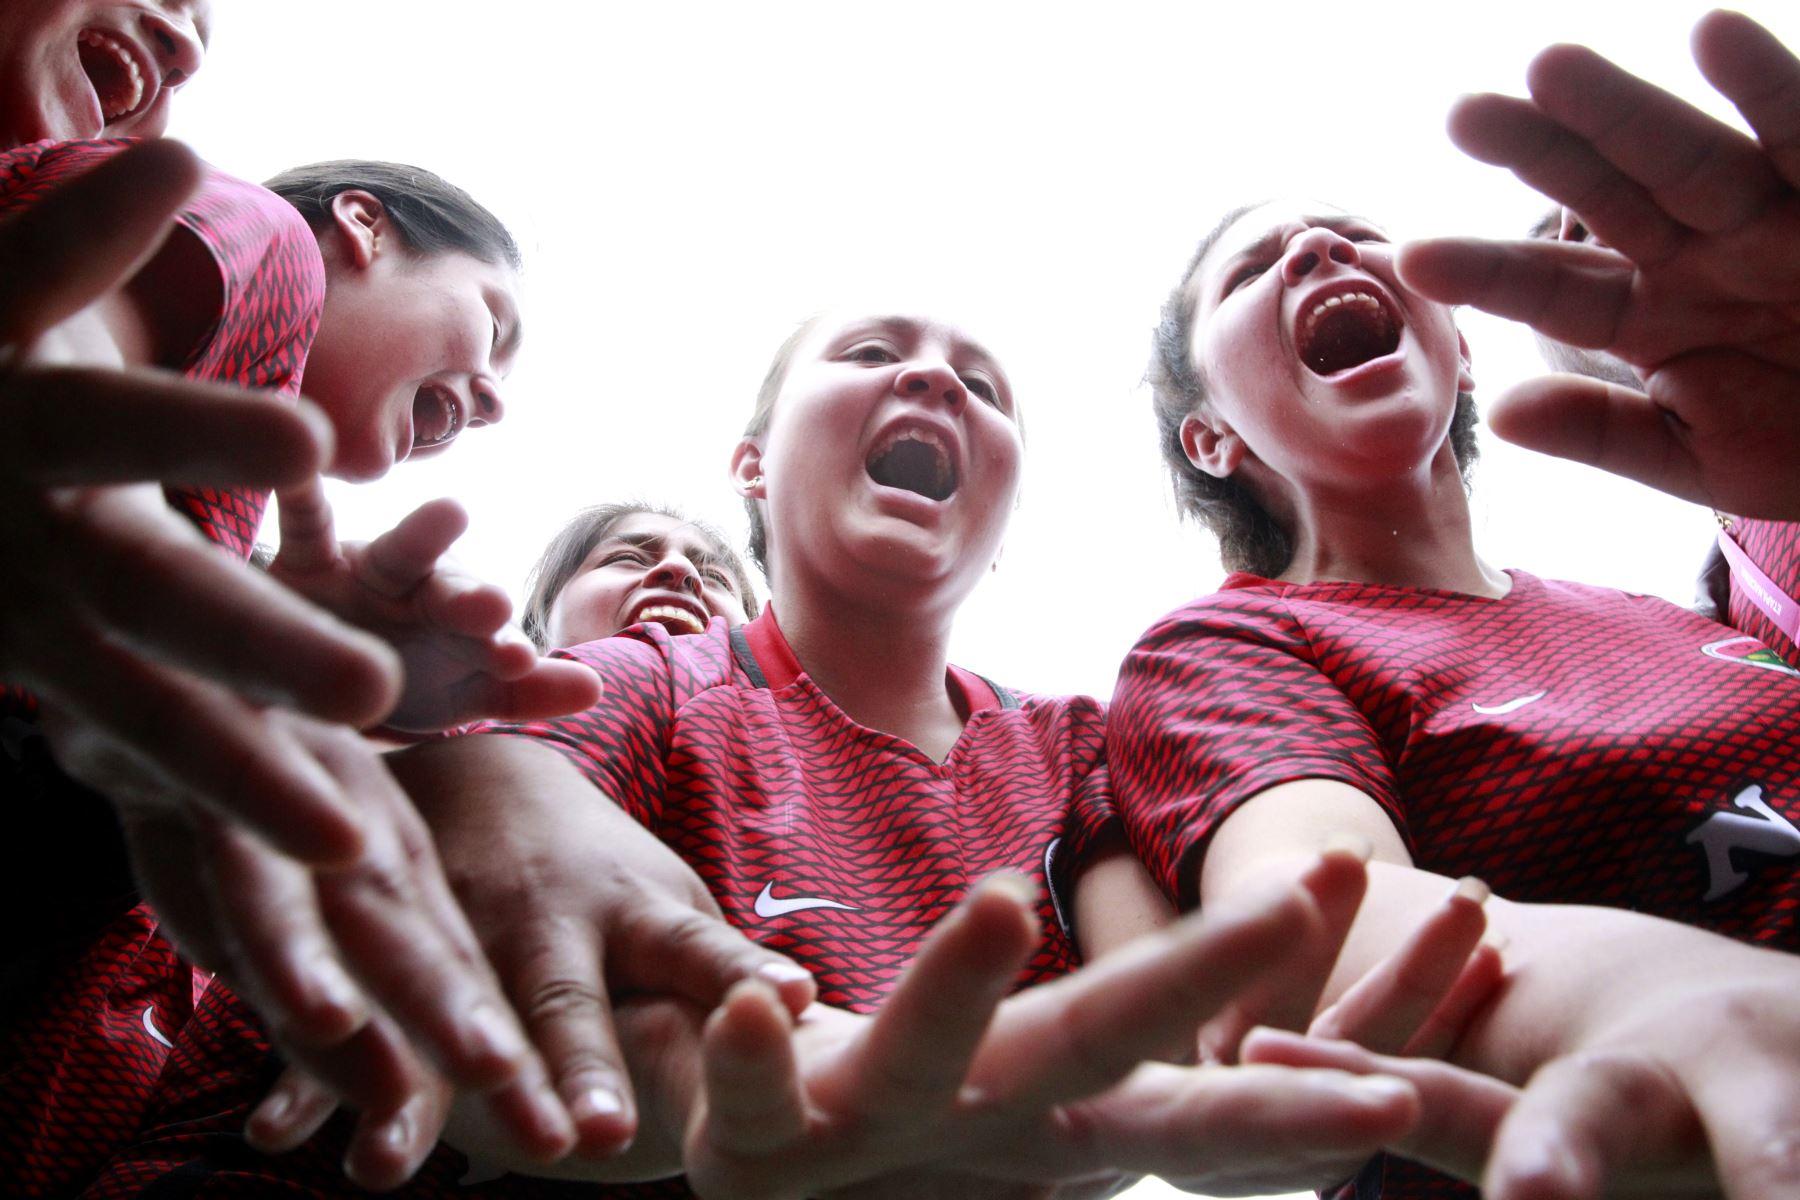 Arengas las jugadoras del colegio Huaral al termino del partido contra Manuel Scorza de San Martín en el marco de los Juegos Deportivos Escolares Nacionales sede Bartolomé Herrera.   Foto: Andina/Juan Carlos Guzman Negrini